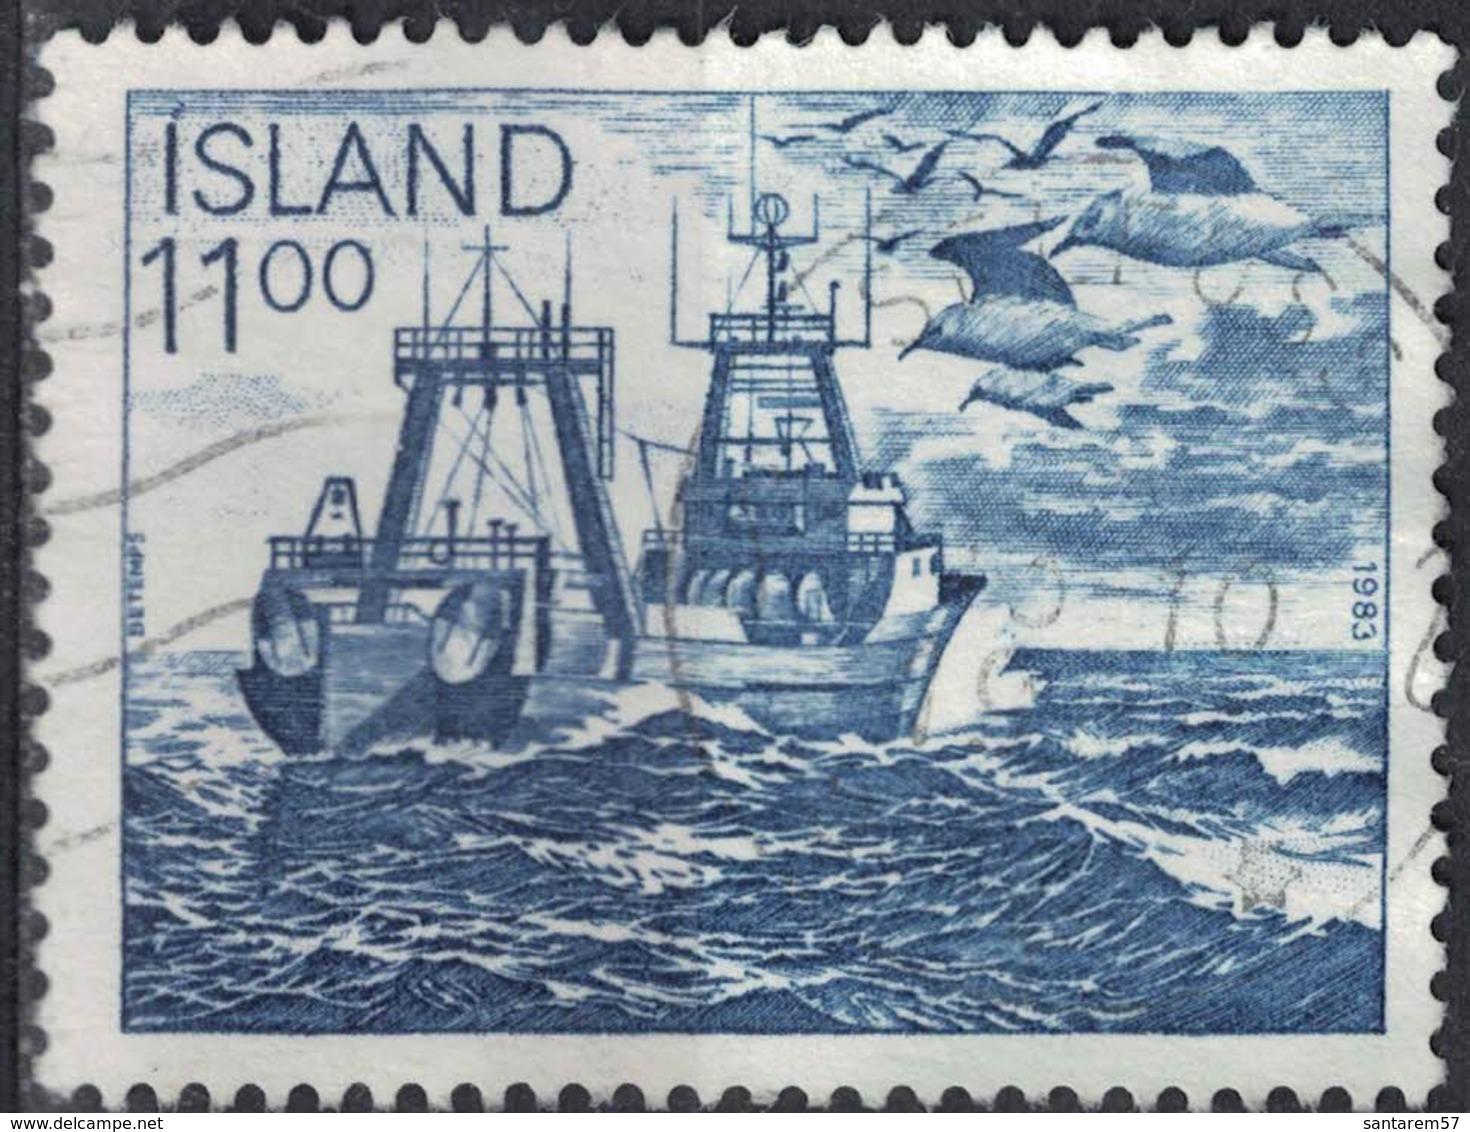 Islande 1983 Oblitéré Used Bateau De Pêche Chalutier SU - 1944-... Republik